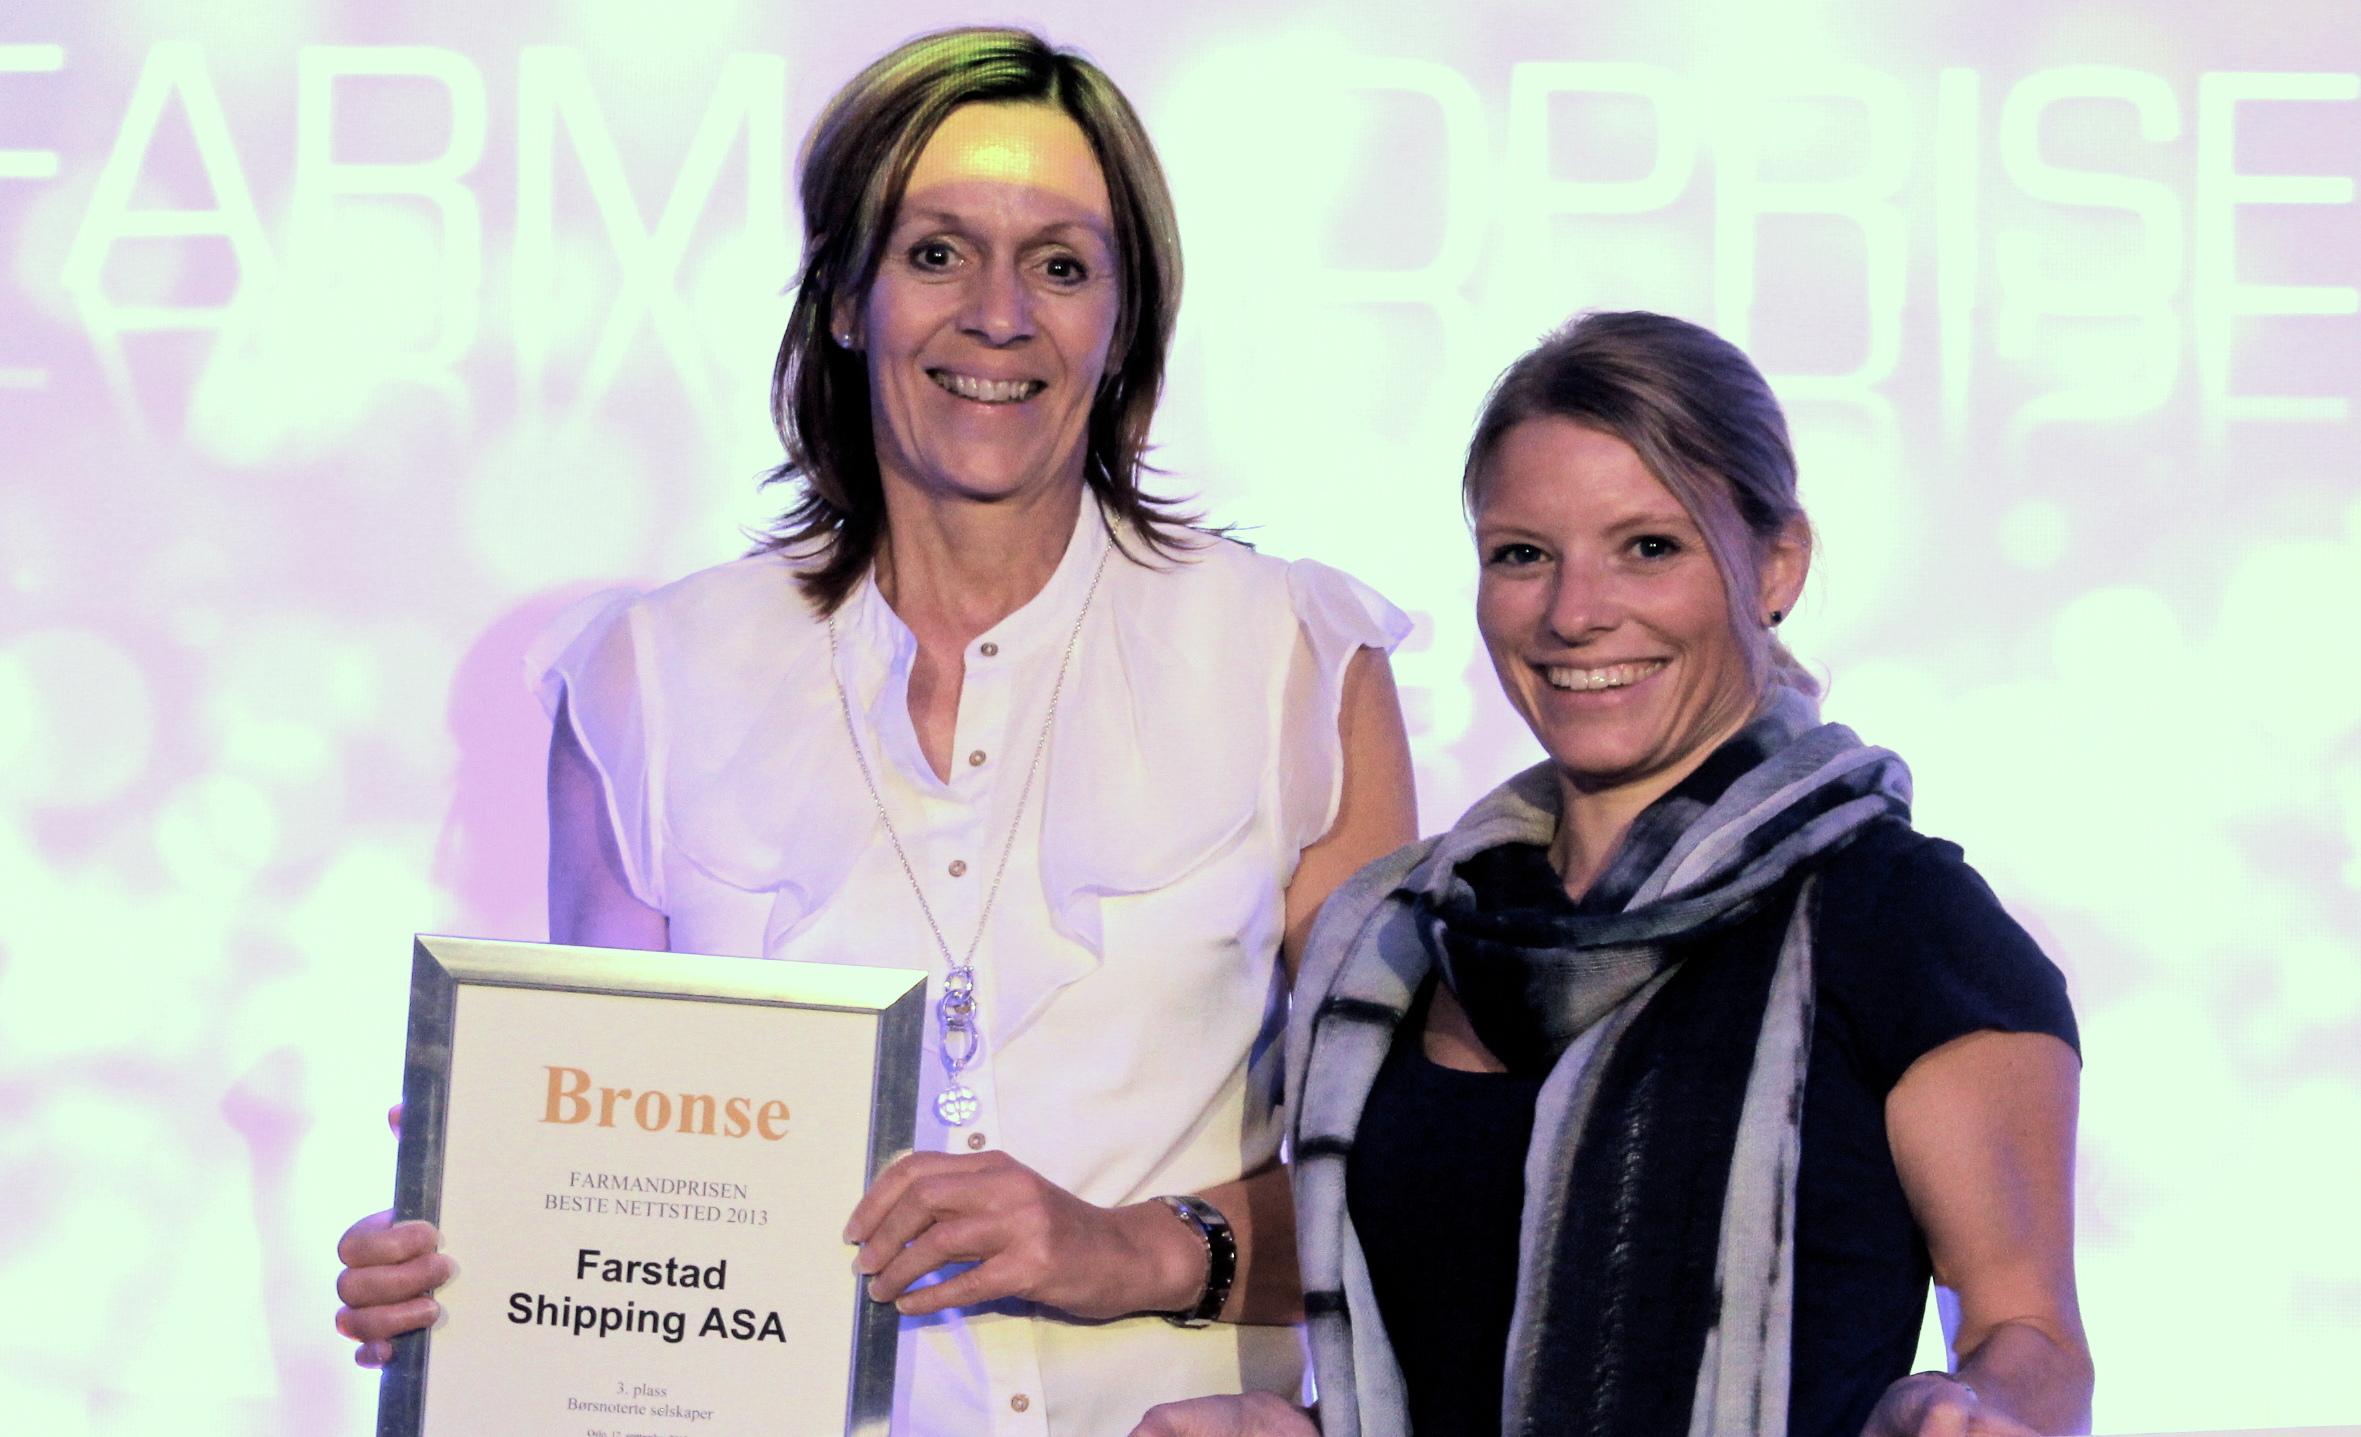 Farmandprisen Beste nettted 2013 - Børsnoterte selskaper nr 3: Farstad Shipping